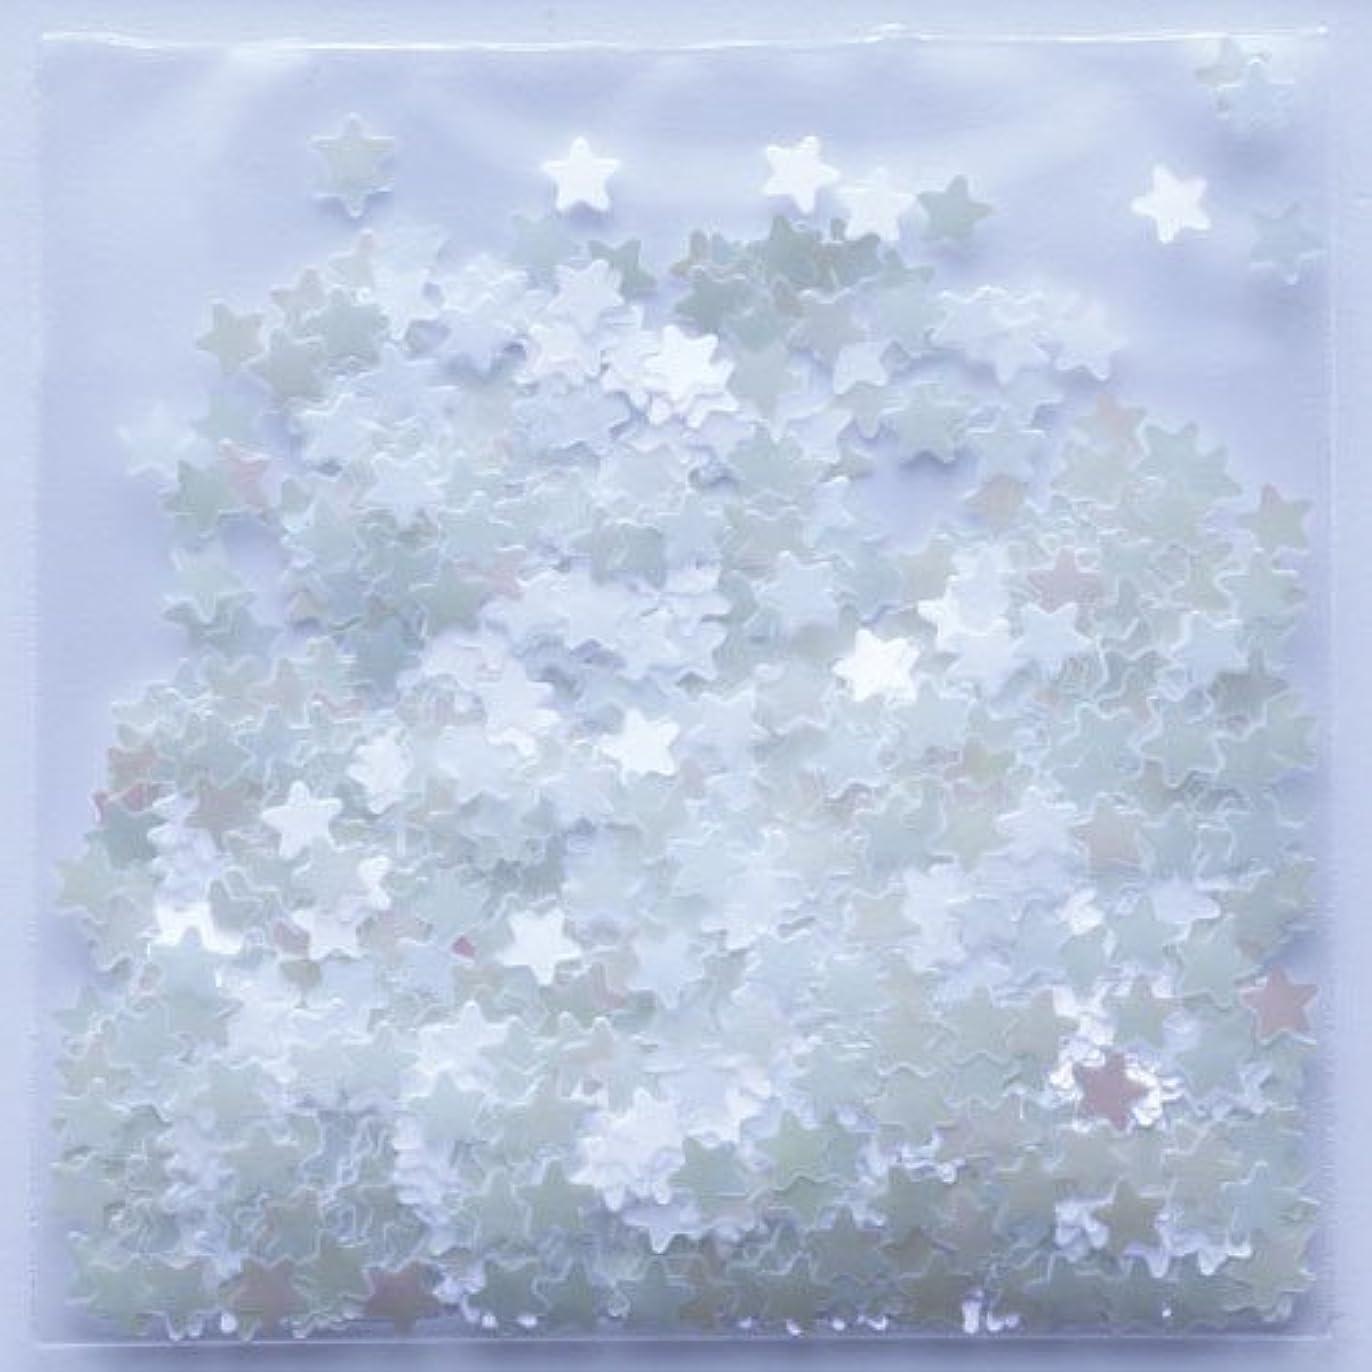 統合するインゲン乞食ピカエース ネイルアート 星パステル #172 ホワイトパープル 0.5g